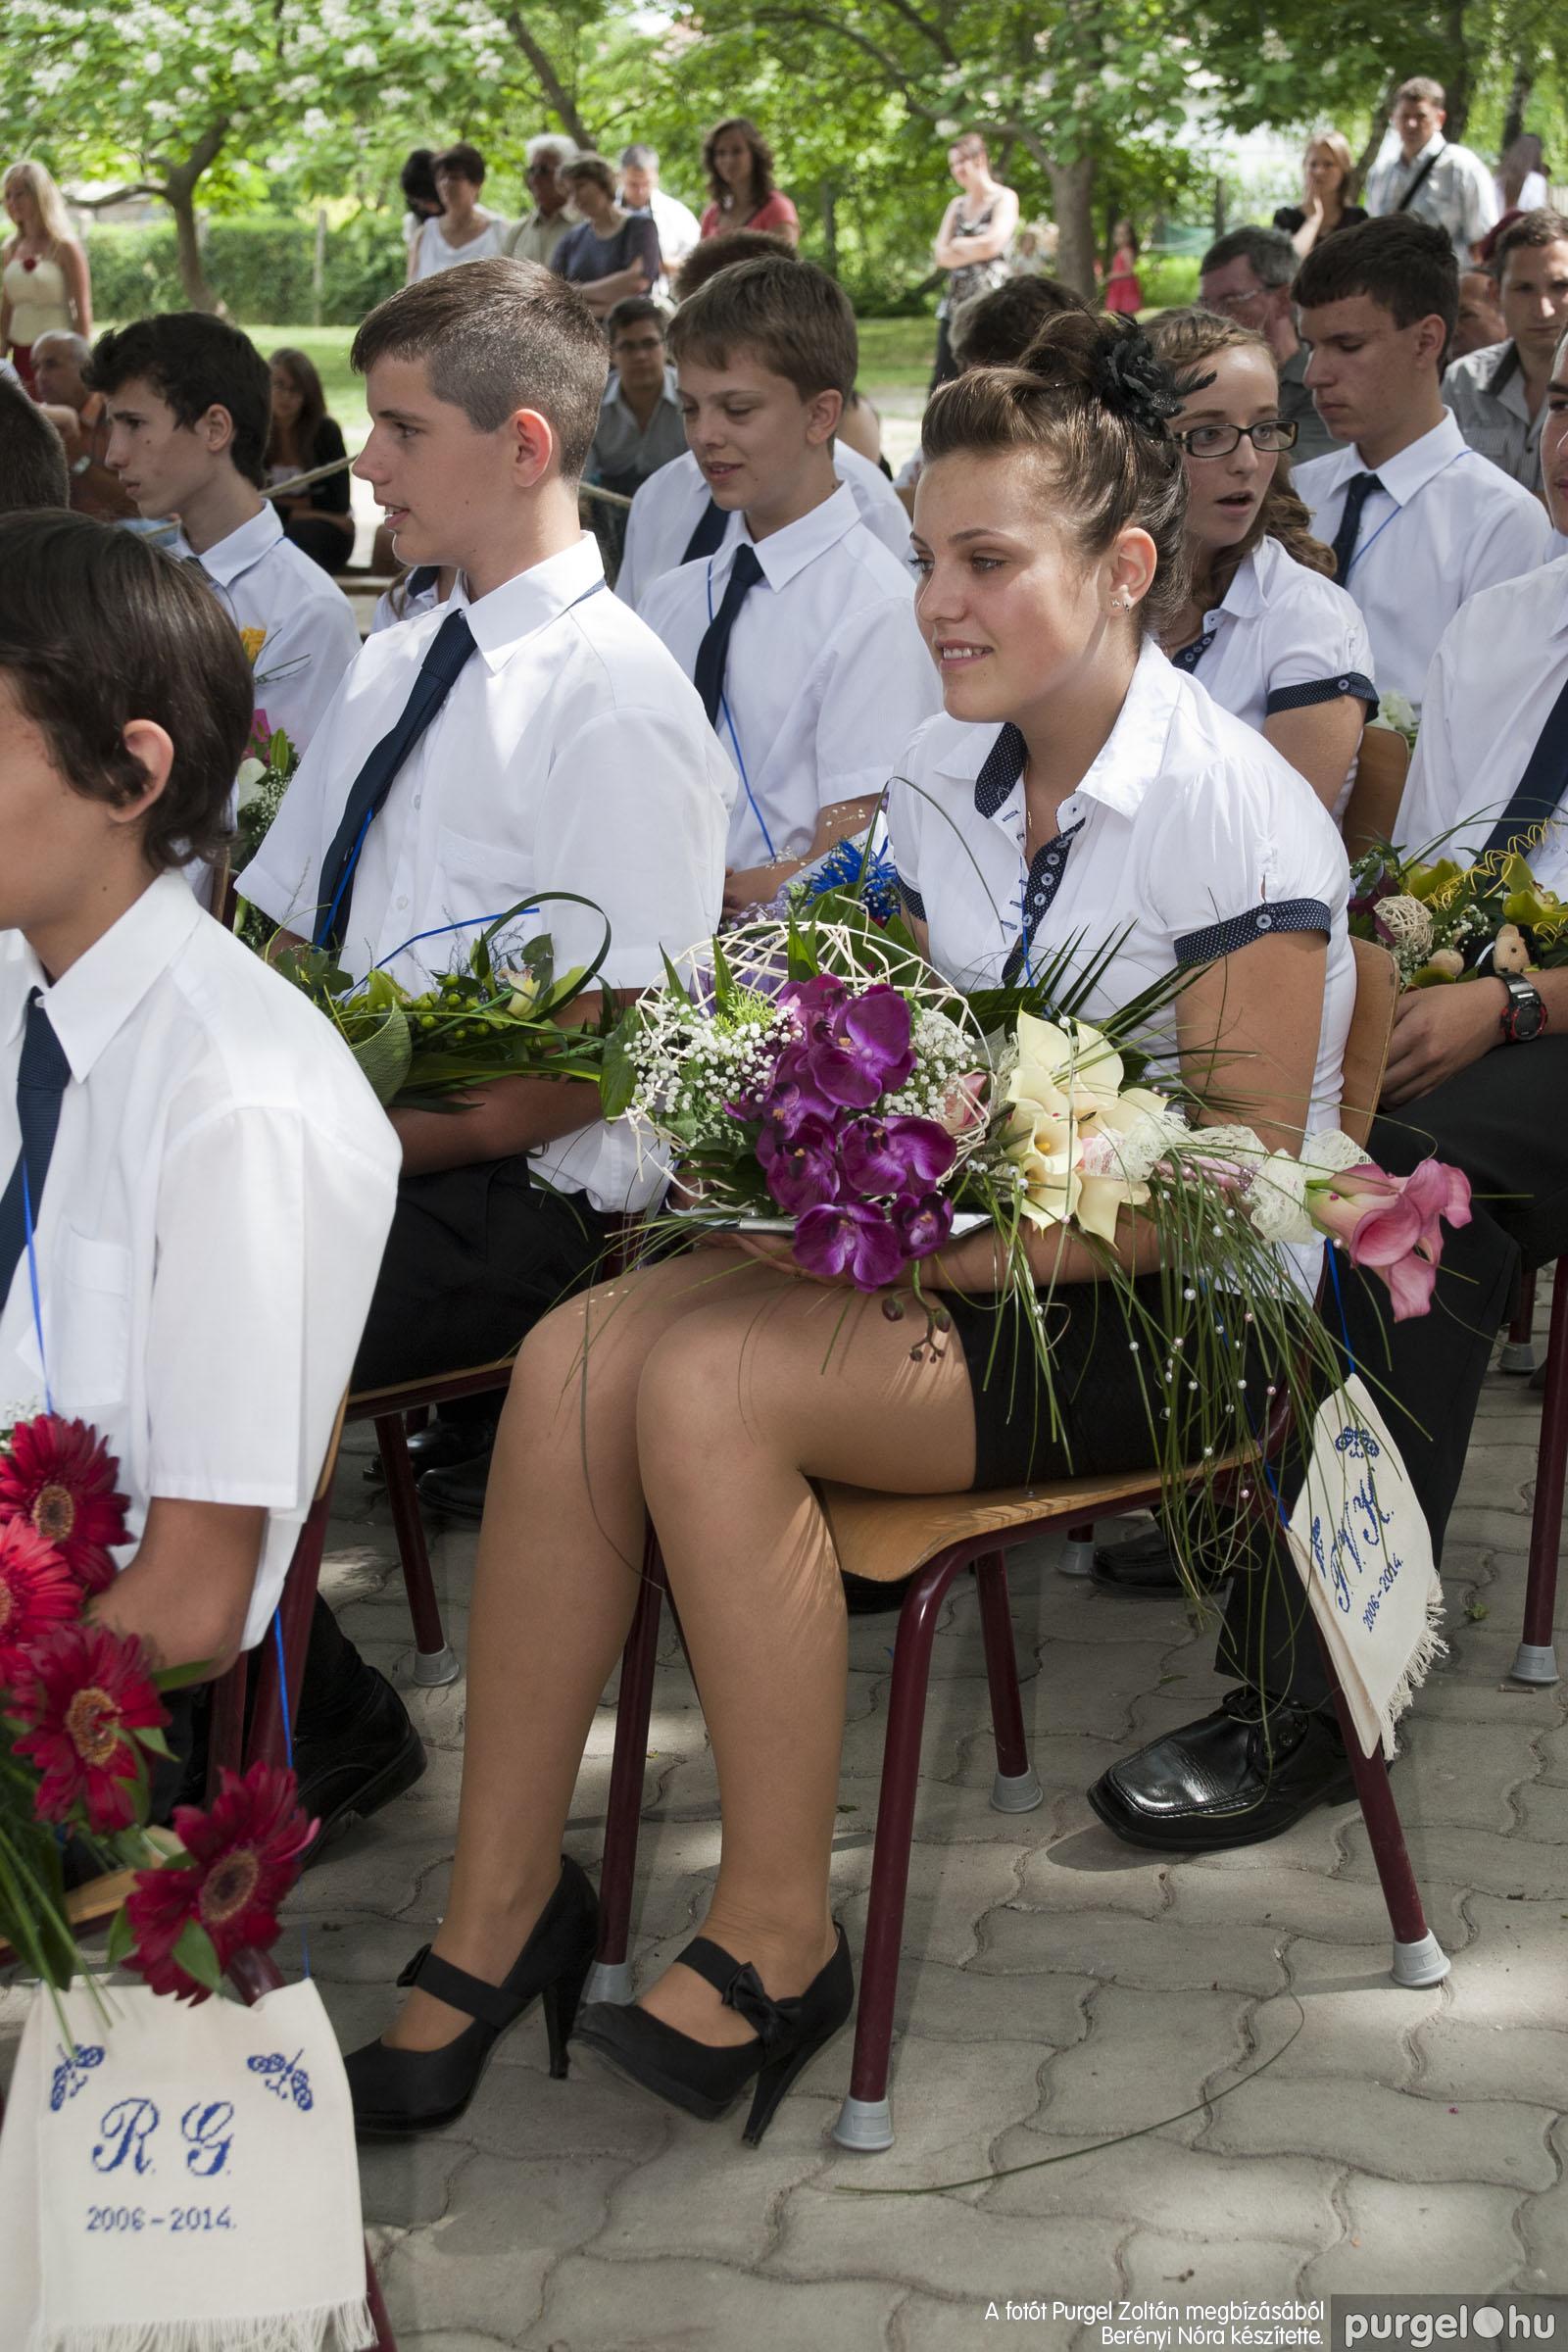 2014.06.14. 249 Forray Máté Általános Iskola ballagás 2014. - Fotó:BERÉNYI NÓRA© _MG_5917.jpg